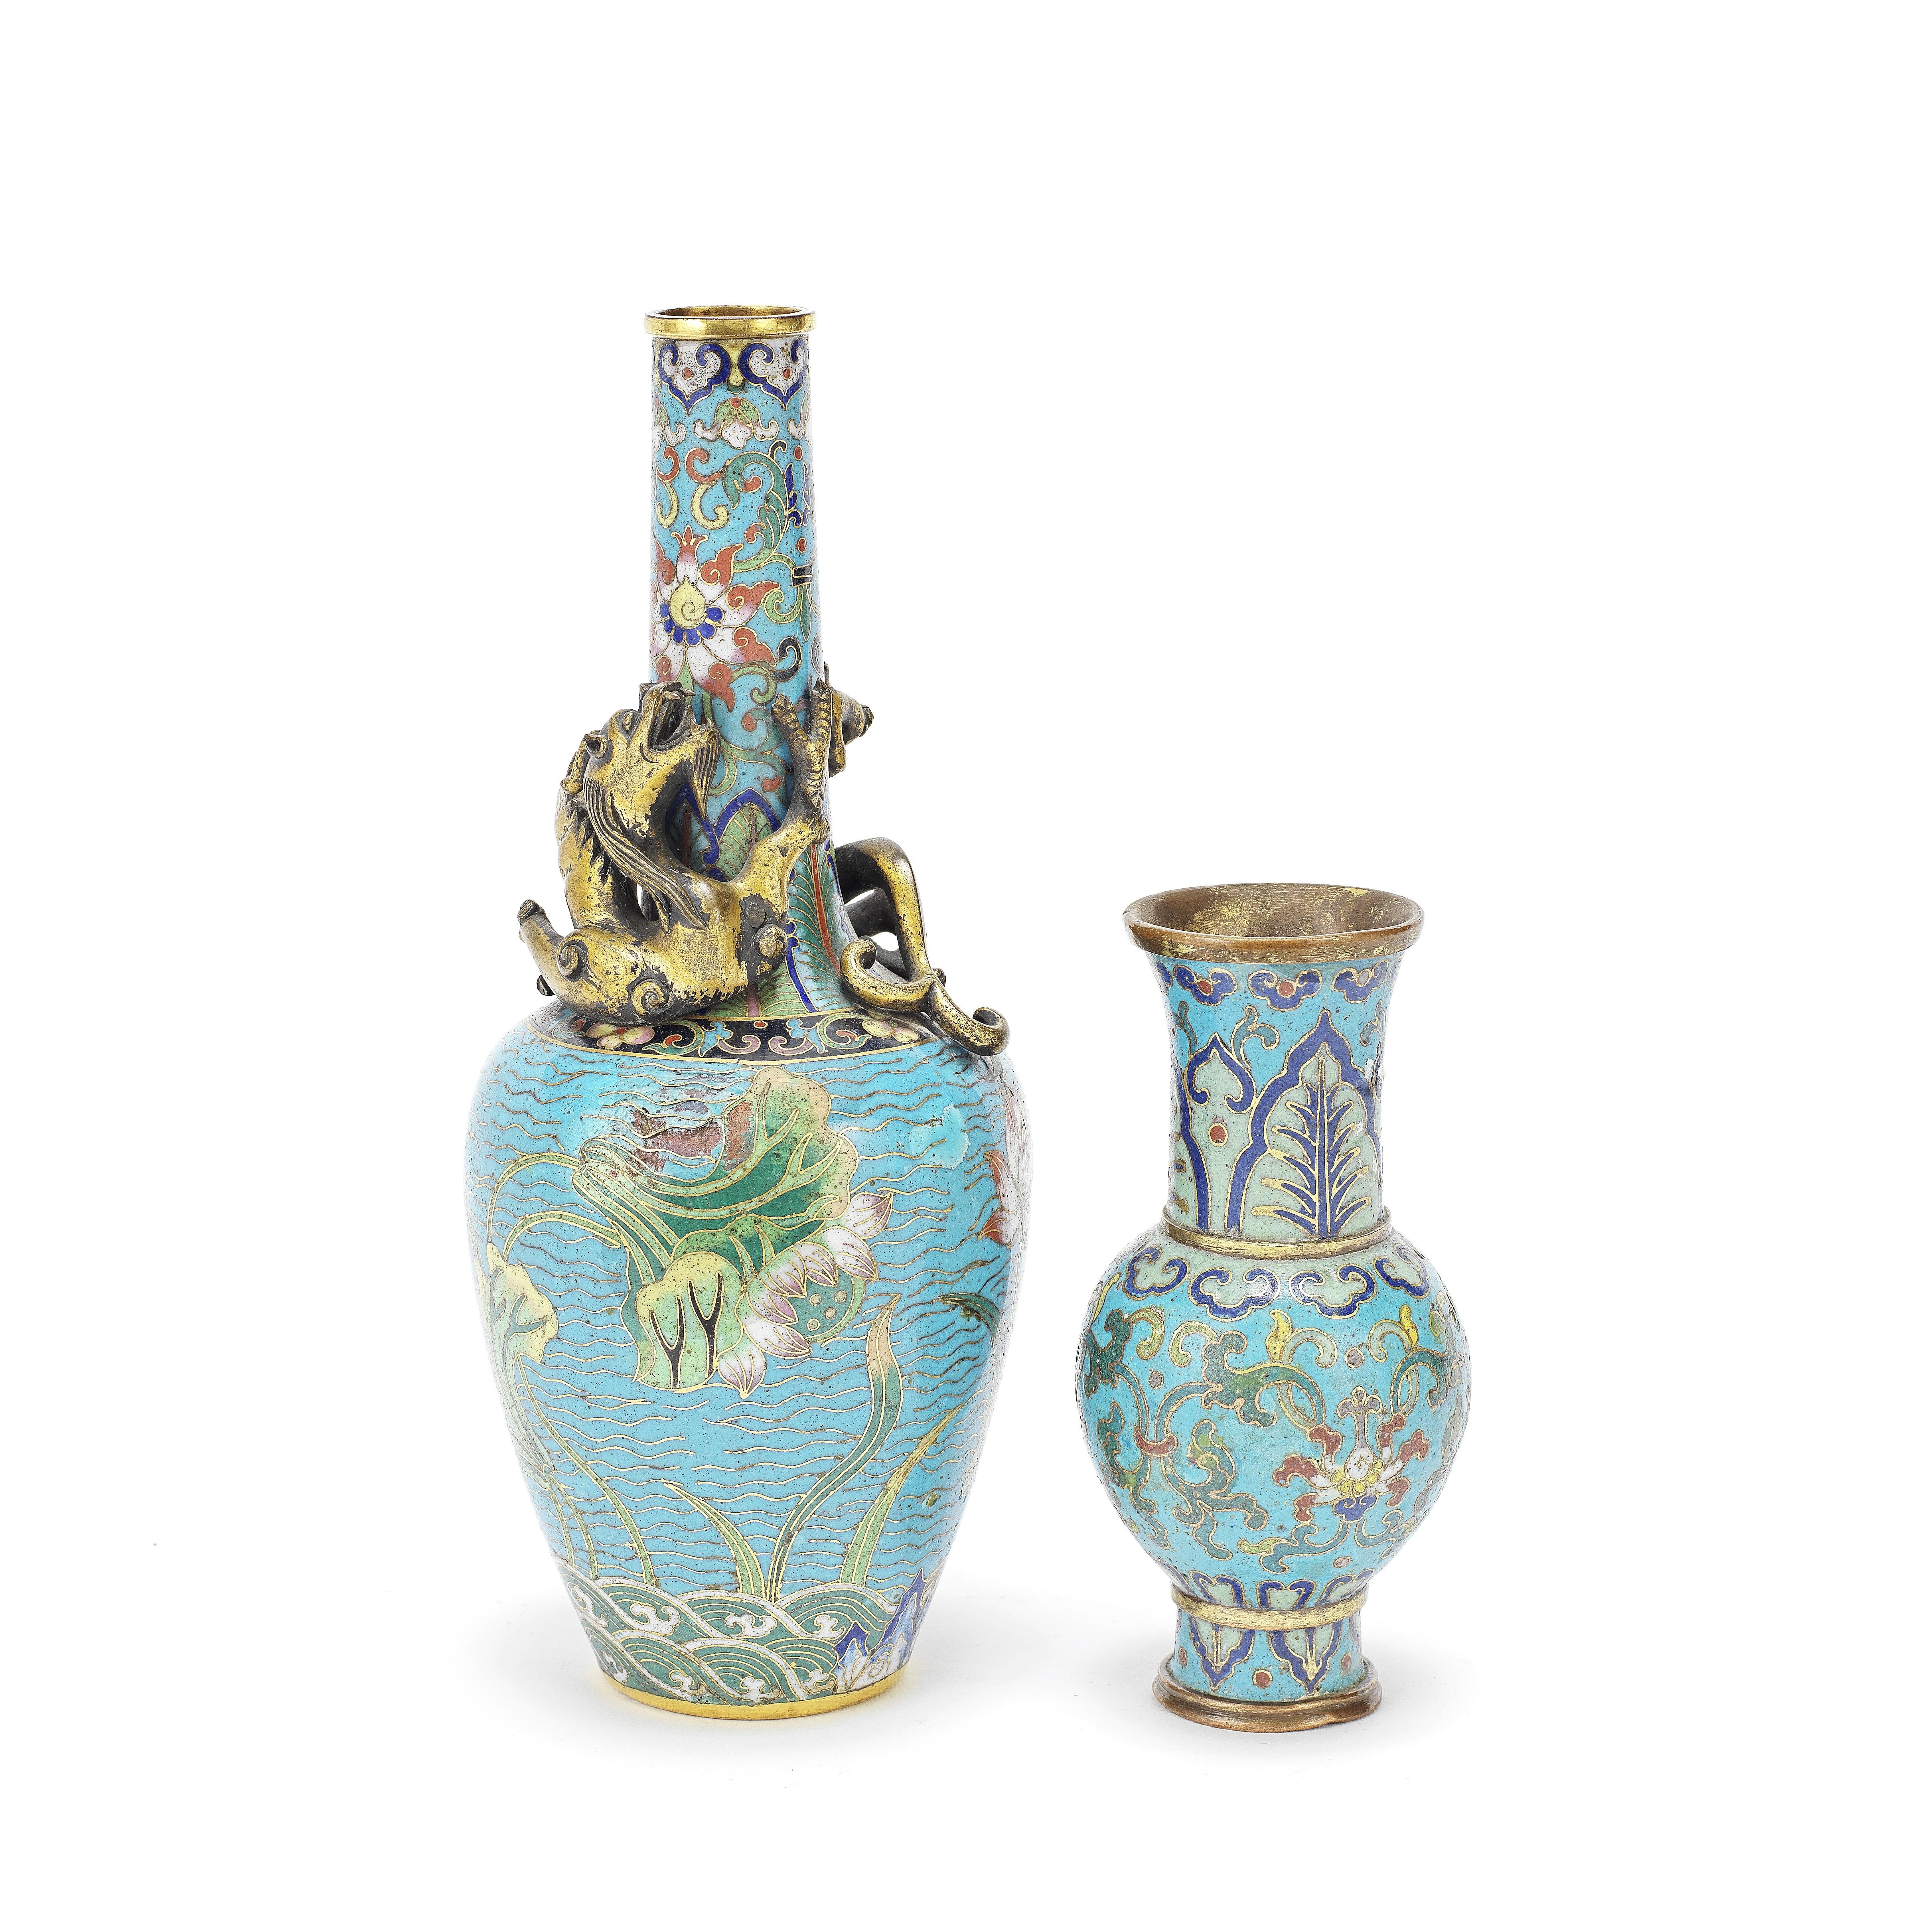 TWO CLOISONNÉ-ENAMEL VASES Qianlong and 19th century (2)